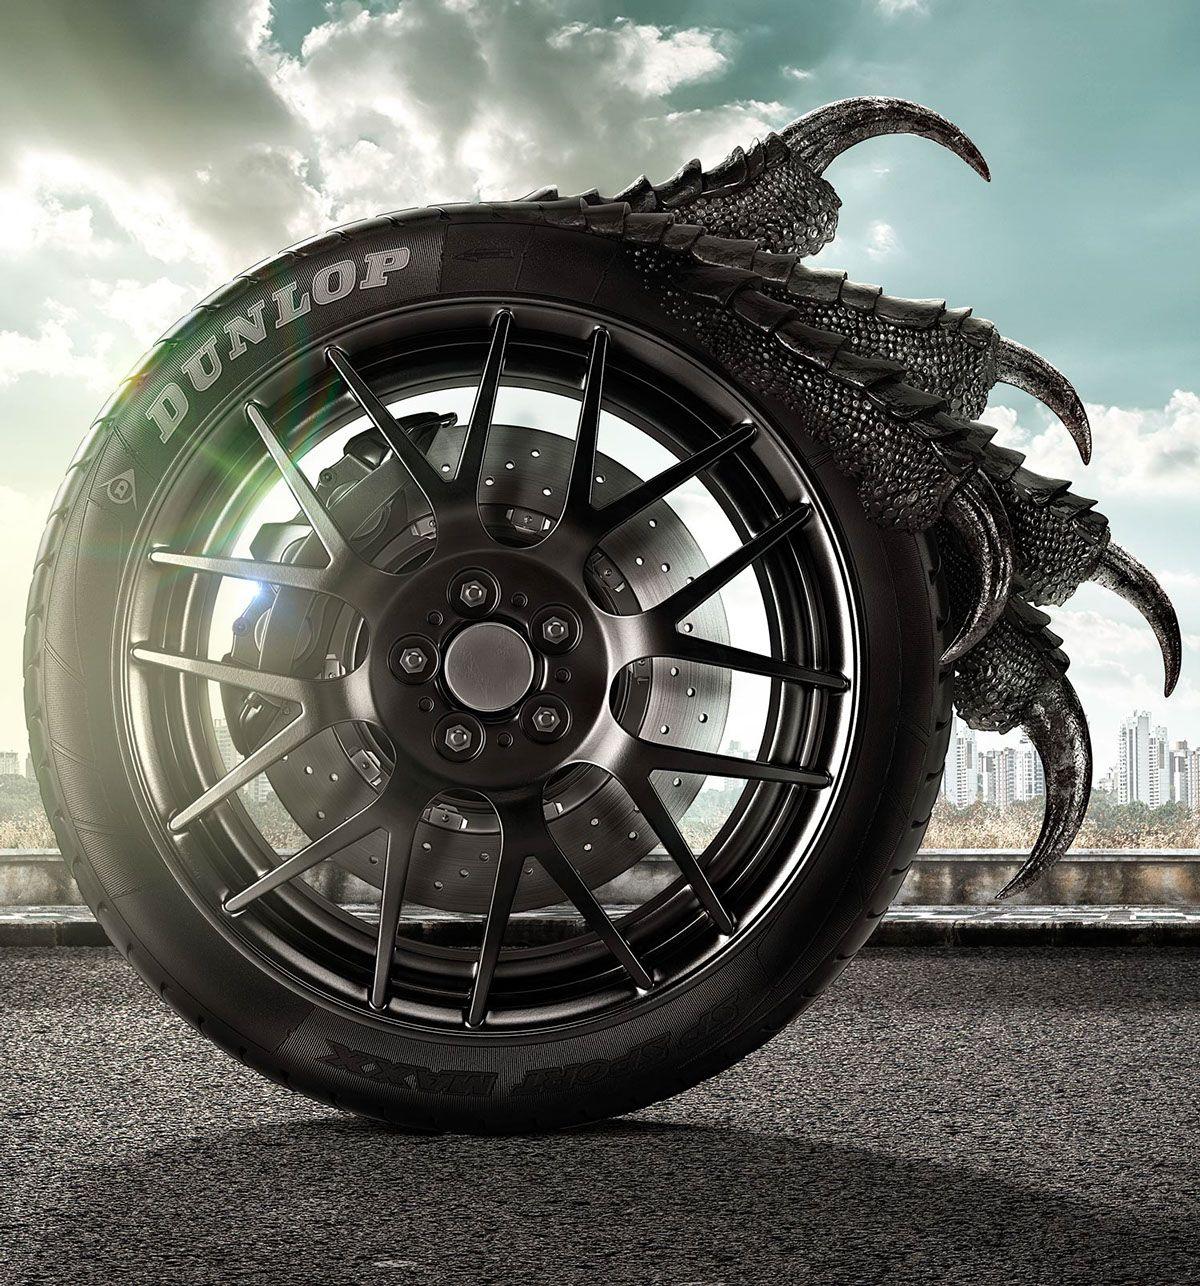 Dunlop On Behance Dunlop Car Tire [ 1286 x 1200 Pixel ]